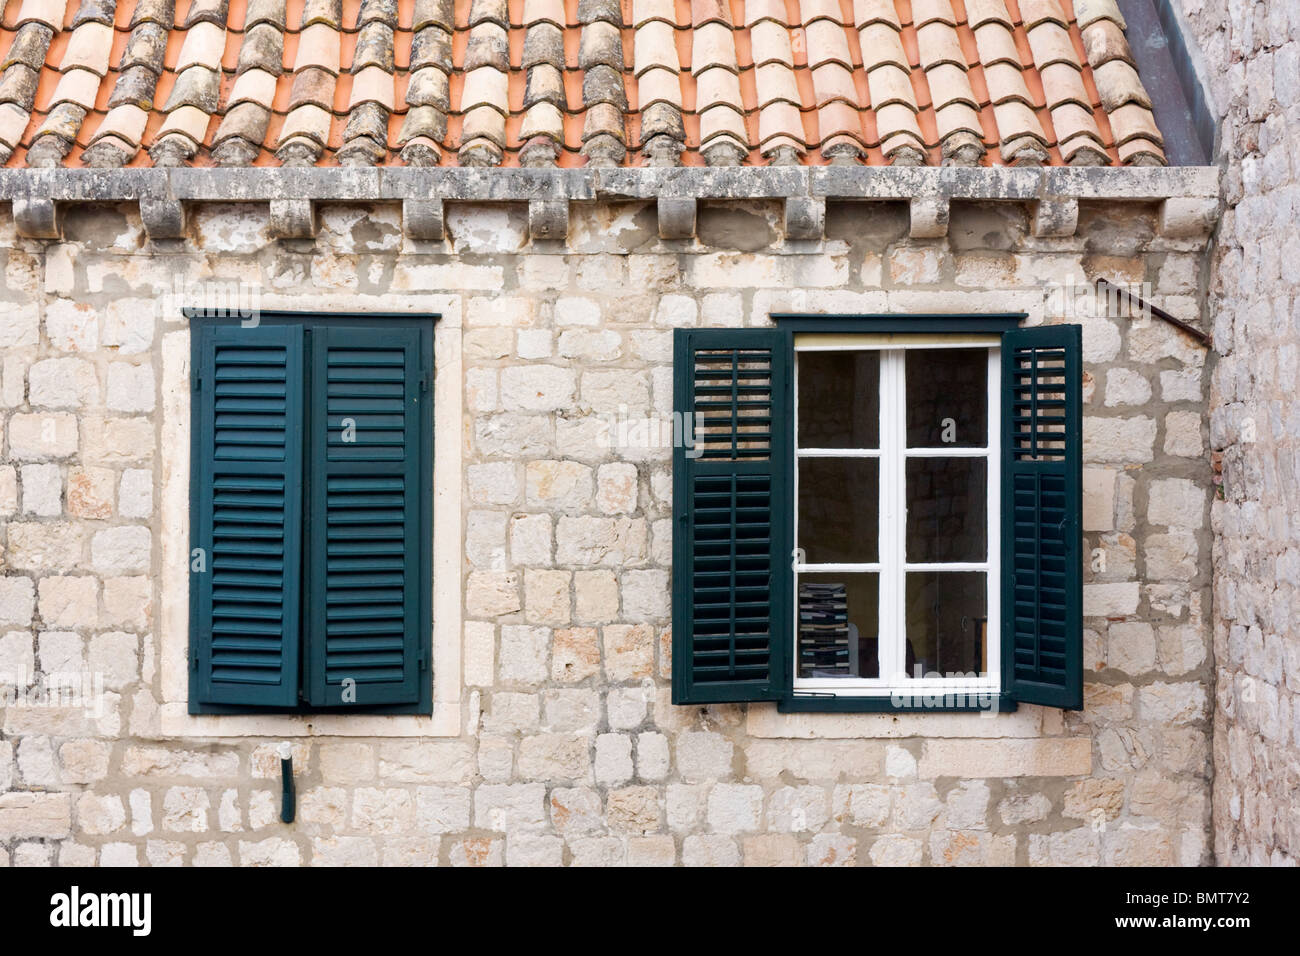 Windows in Old Town of Dubrovnik, Dalmatia, Croatia Stock Photo